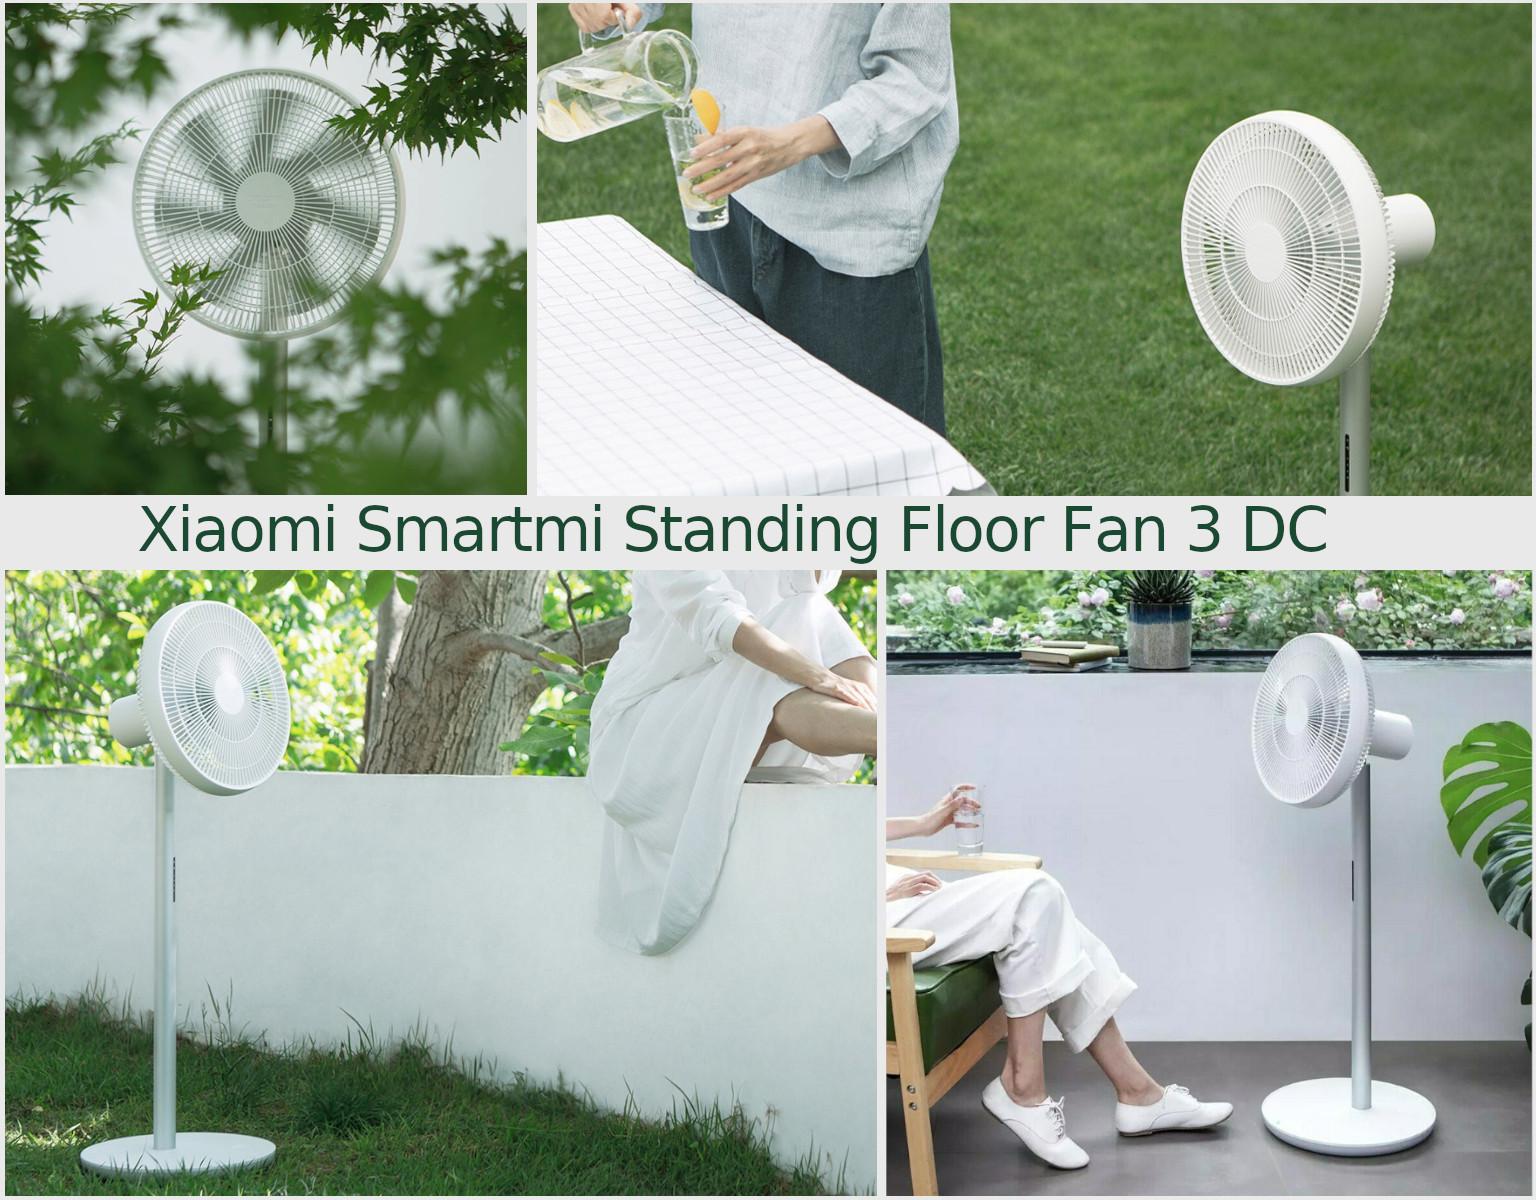 donde comprar el ventilador Xiaomi Smartmi Standing Floor Fan 3 DC